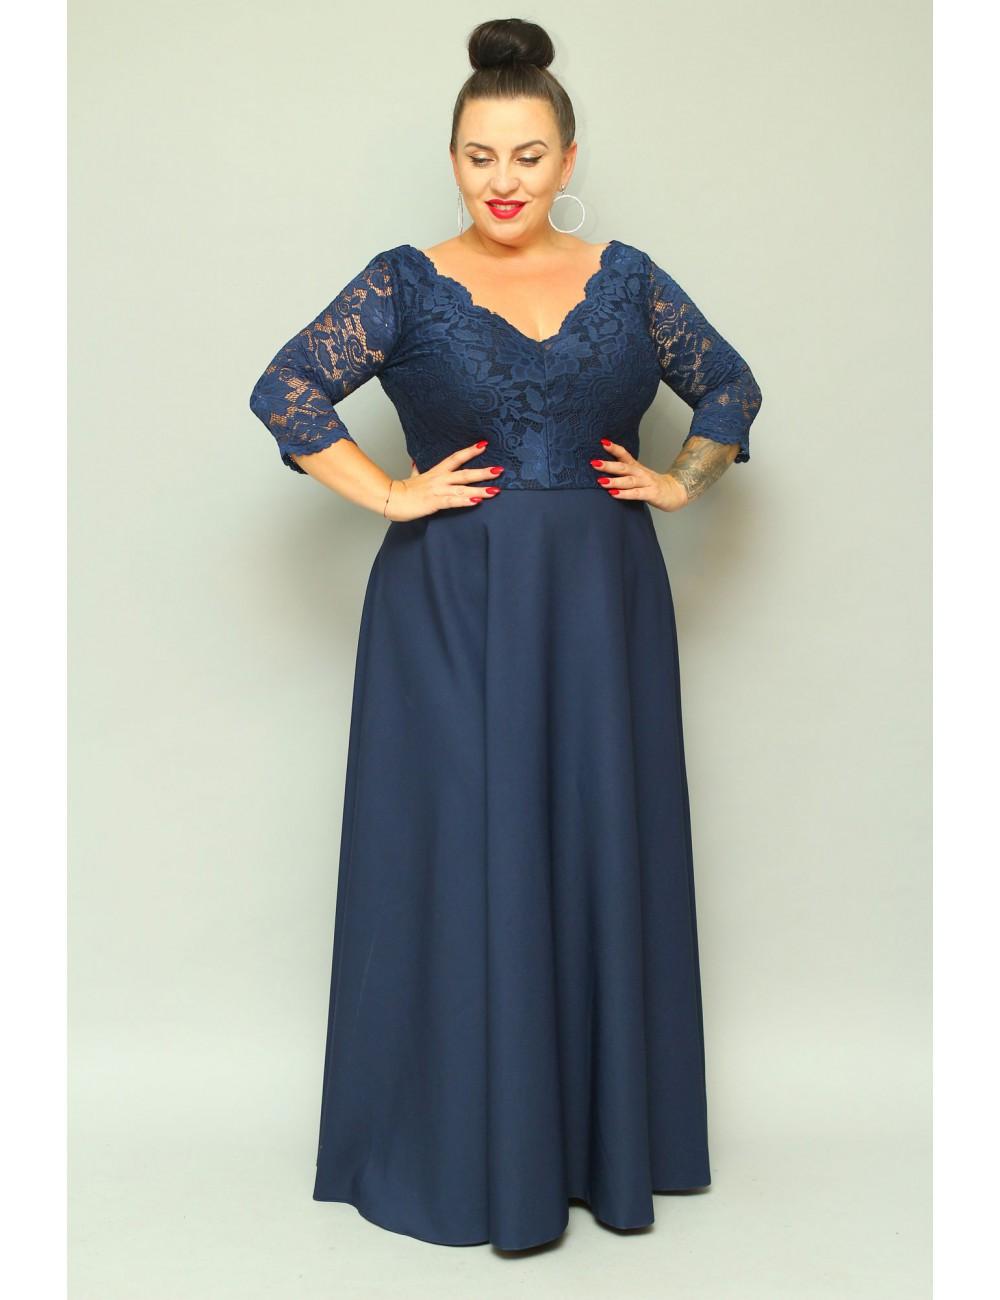 Granatowa długa sukienka wieczorowa plus size z koronką